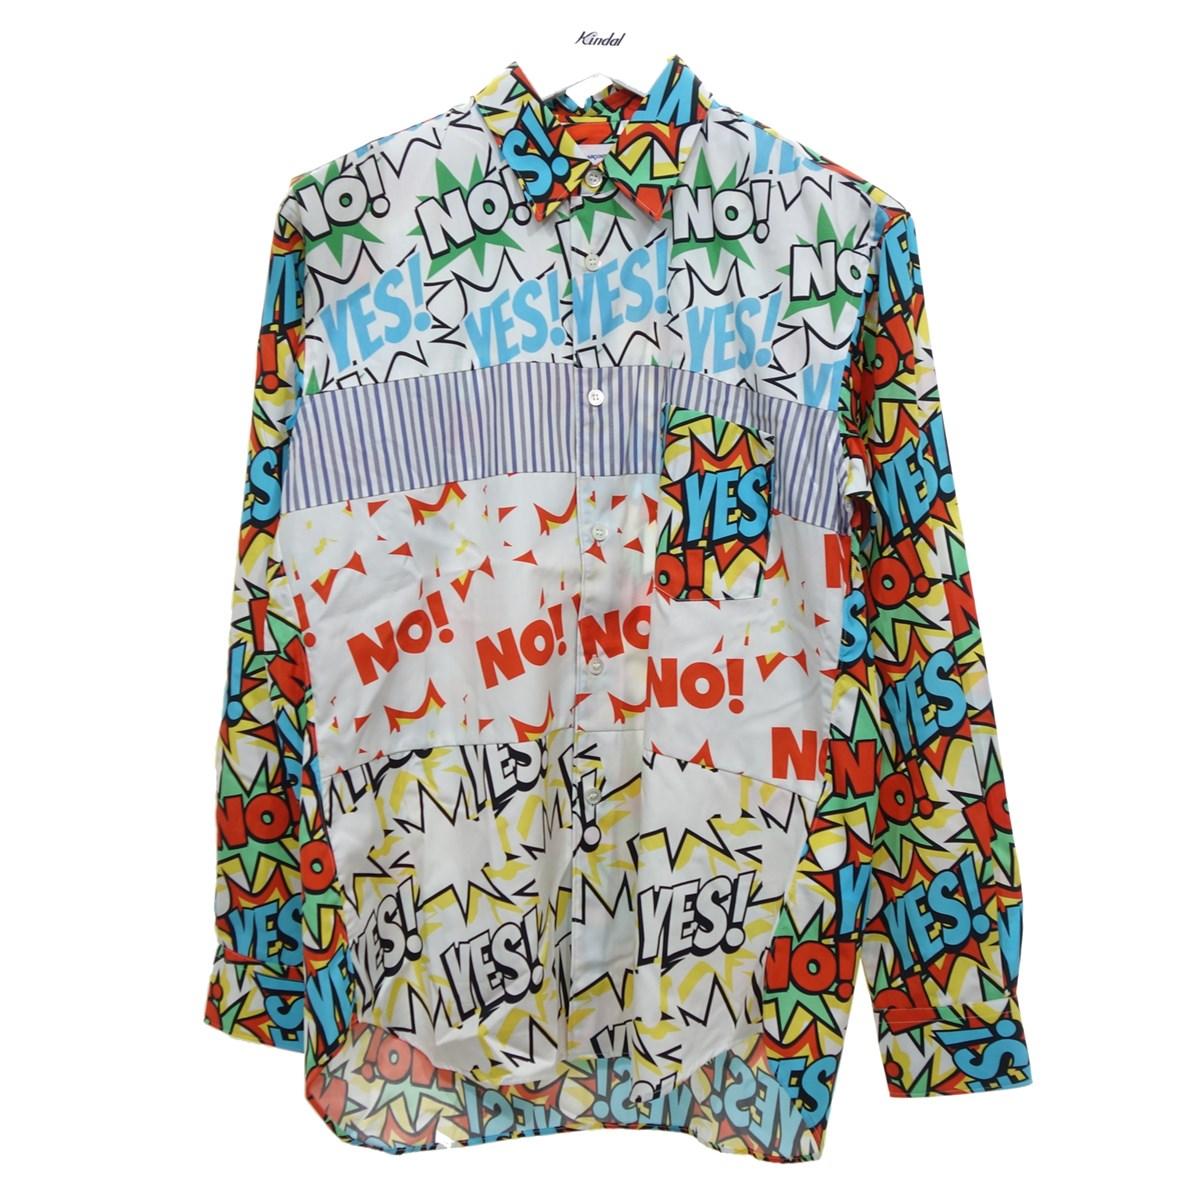 【中古】COMME des GARCONS SHIRT W27025 19AW 切り替えデザインシャツ ホワイト サイズ:XS 【190920】(コムデギャルソンシャツ)